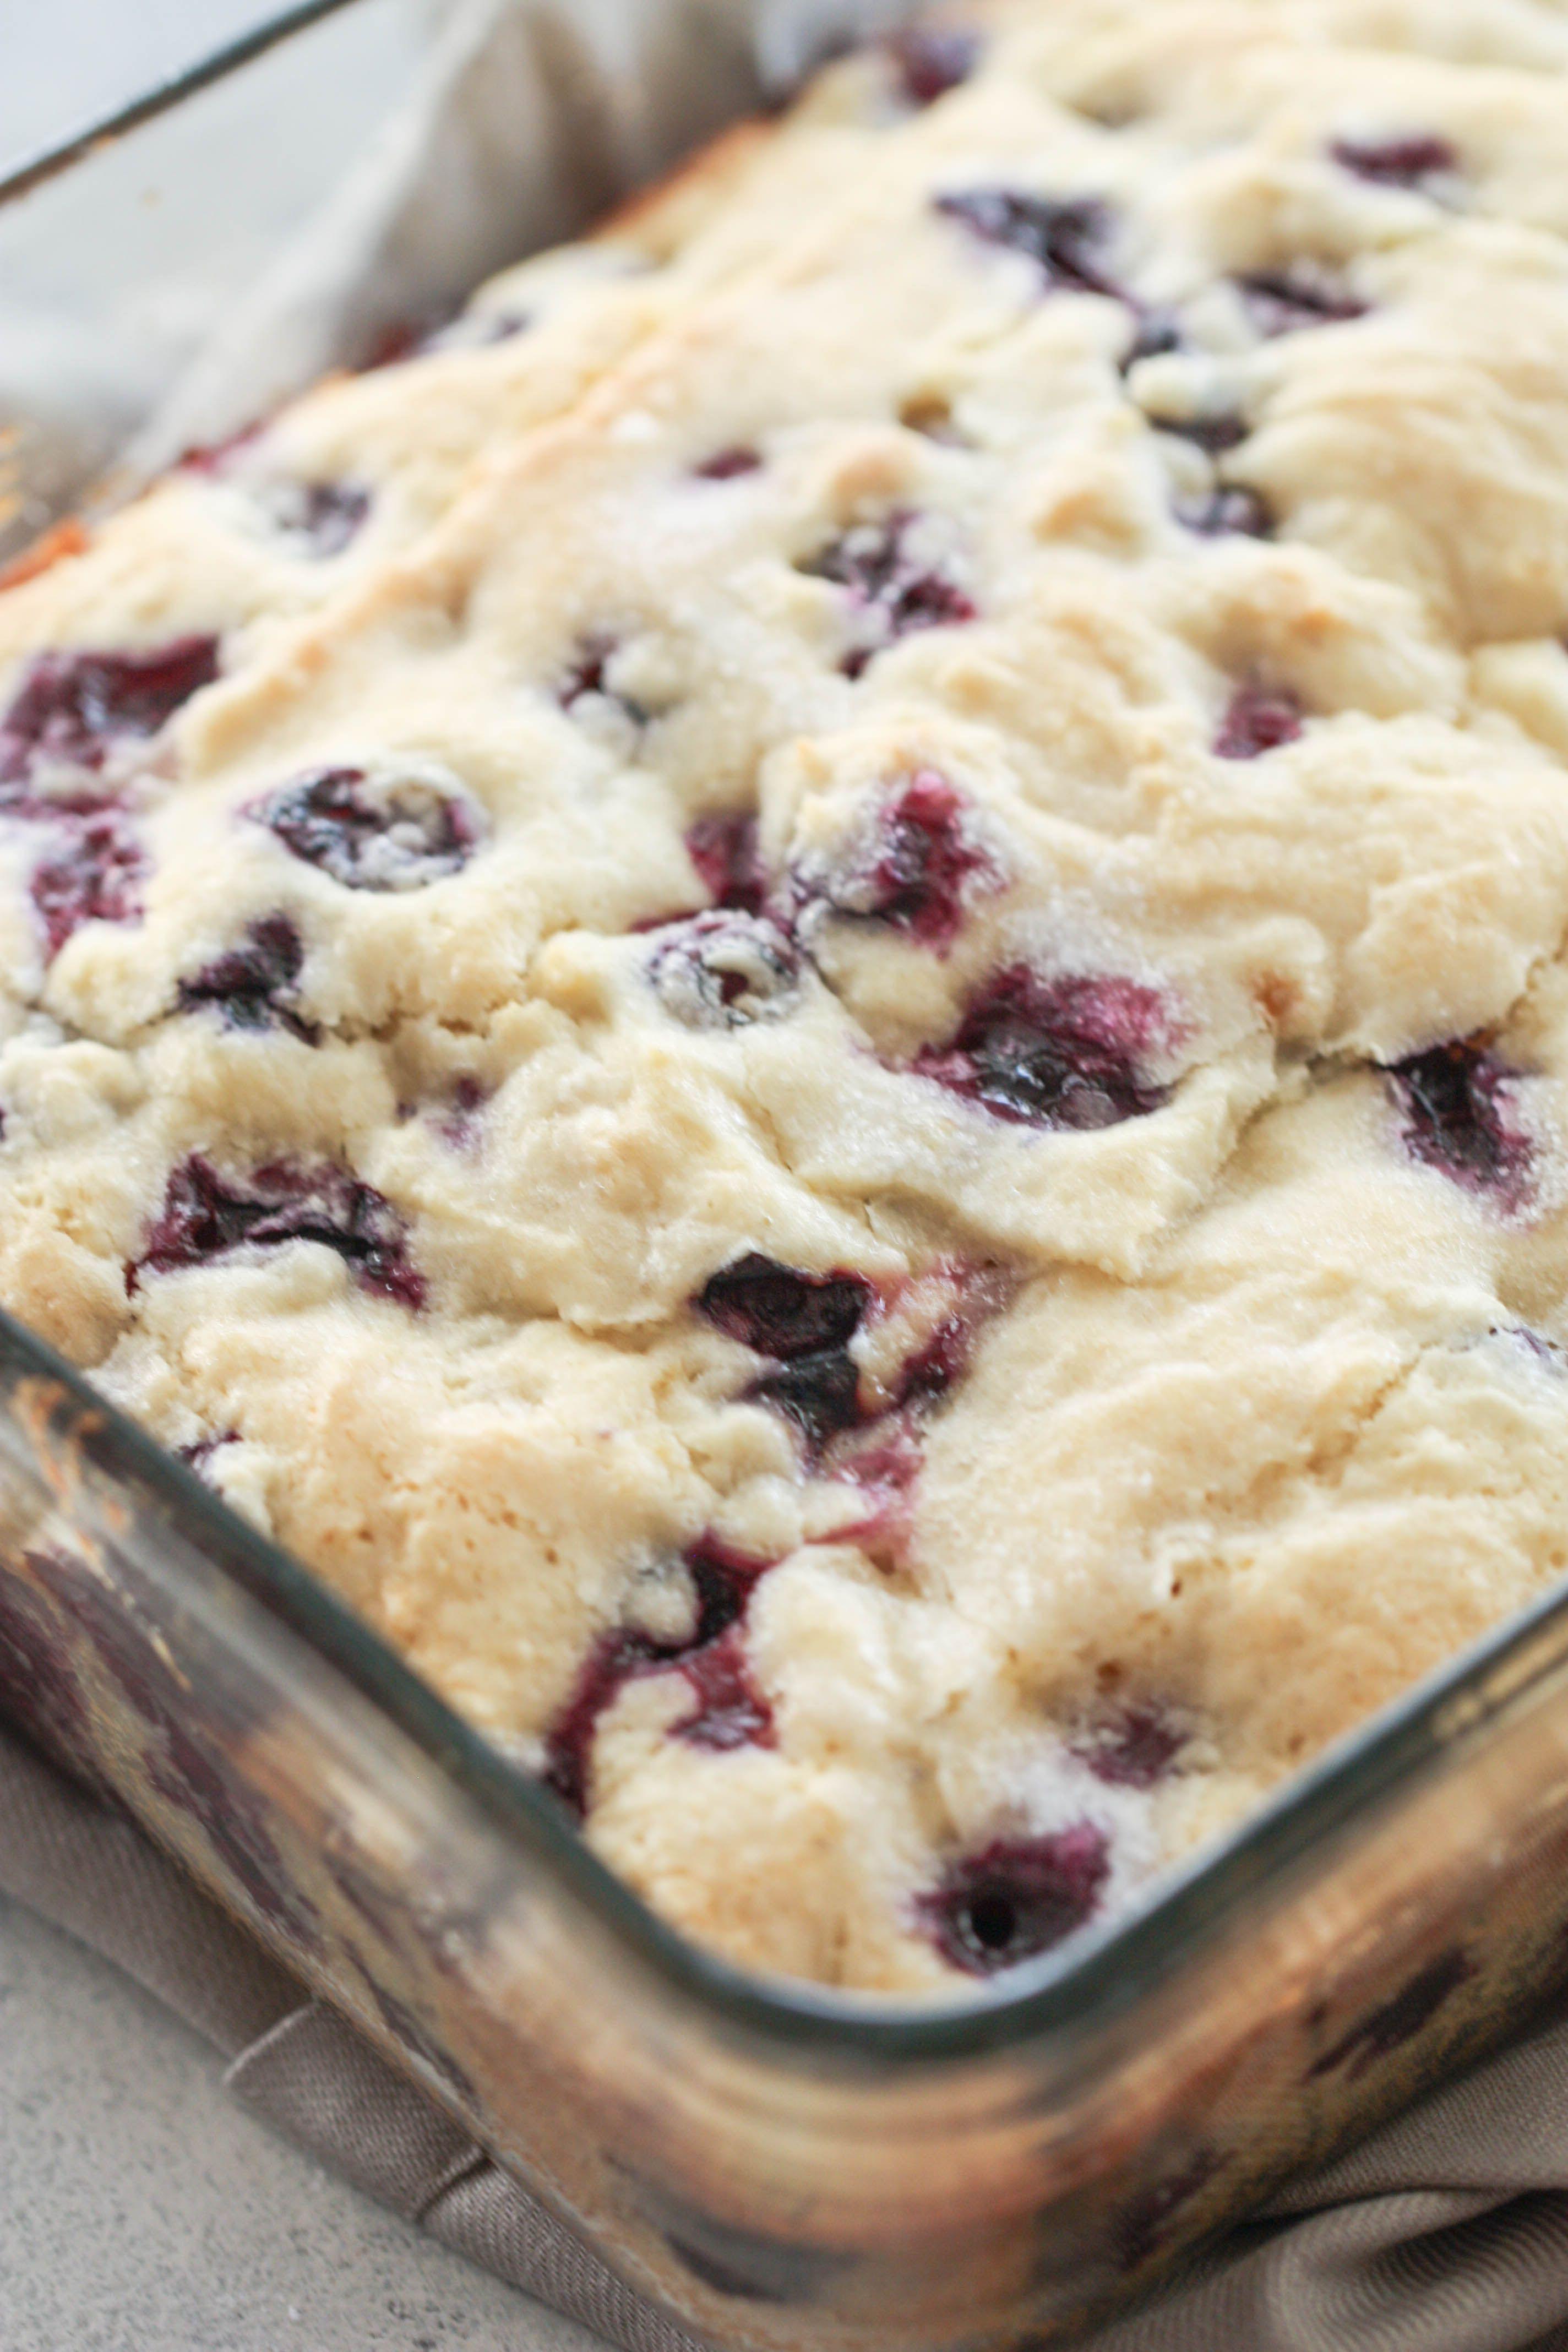 Lemon Blueberry Breakfast Cake #buttermilkblueberrybreakfastcake